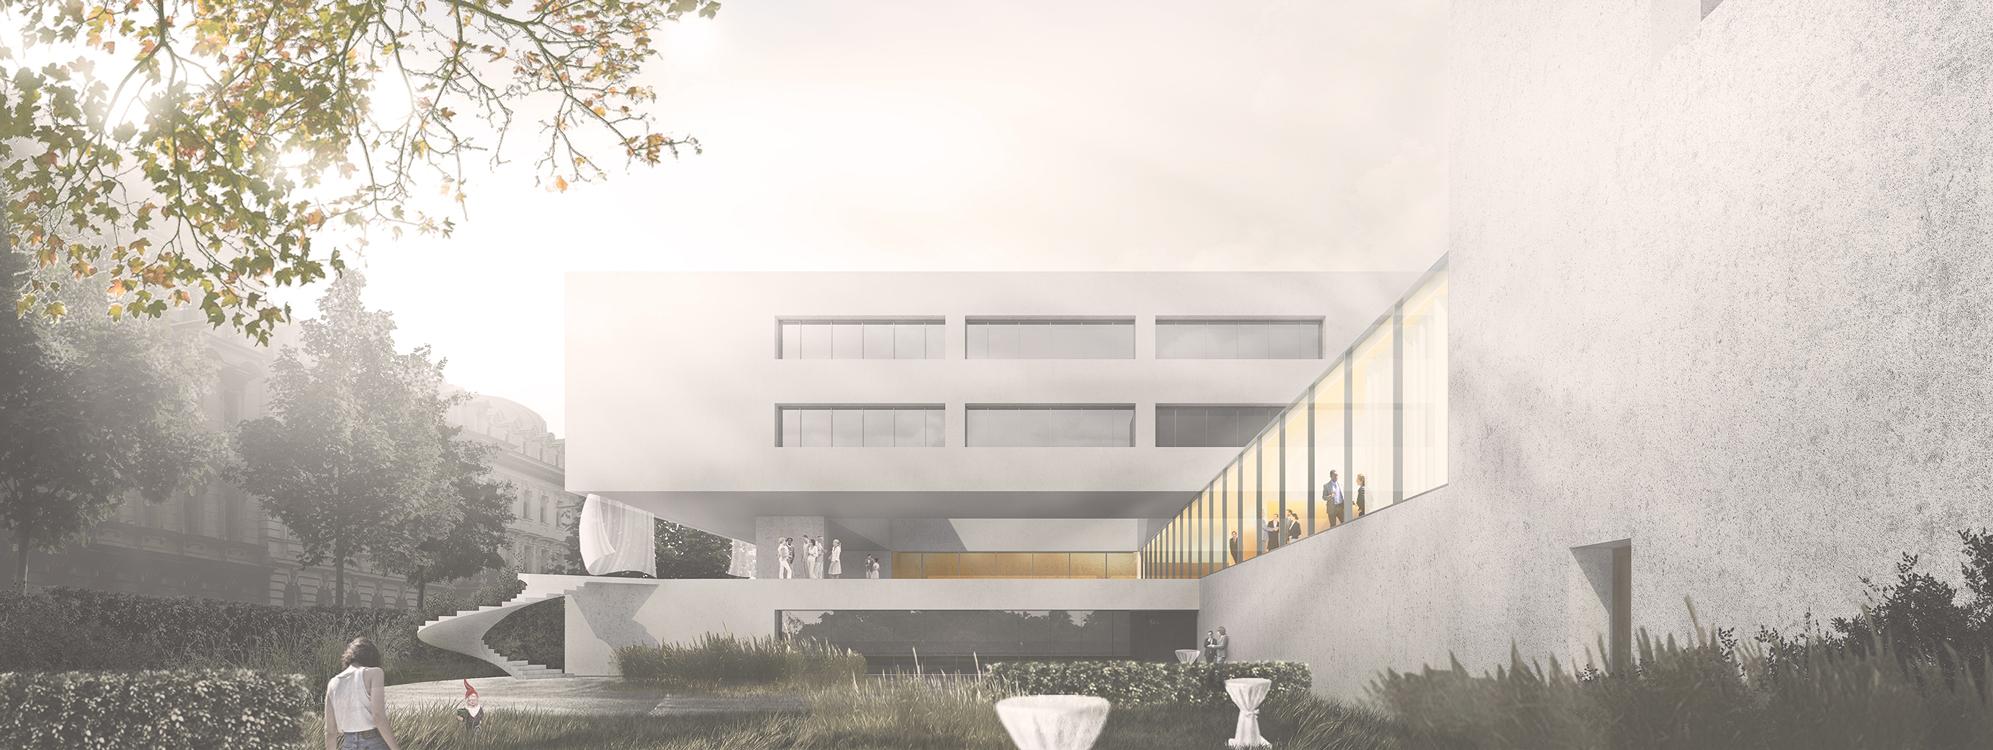 Aktuelle BIM-Politprojekte im Bundeshochbau: Deutsche Botschaft Wien